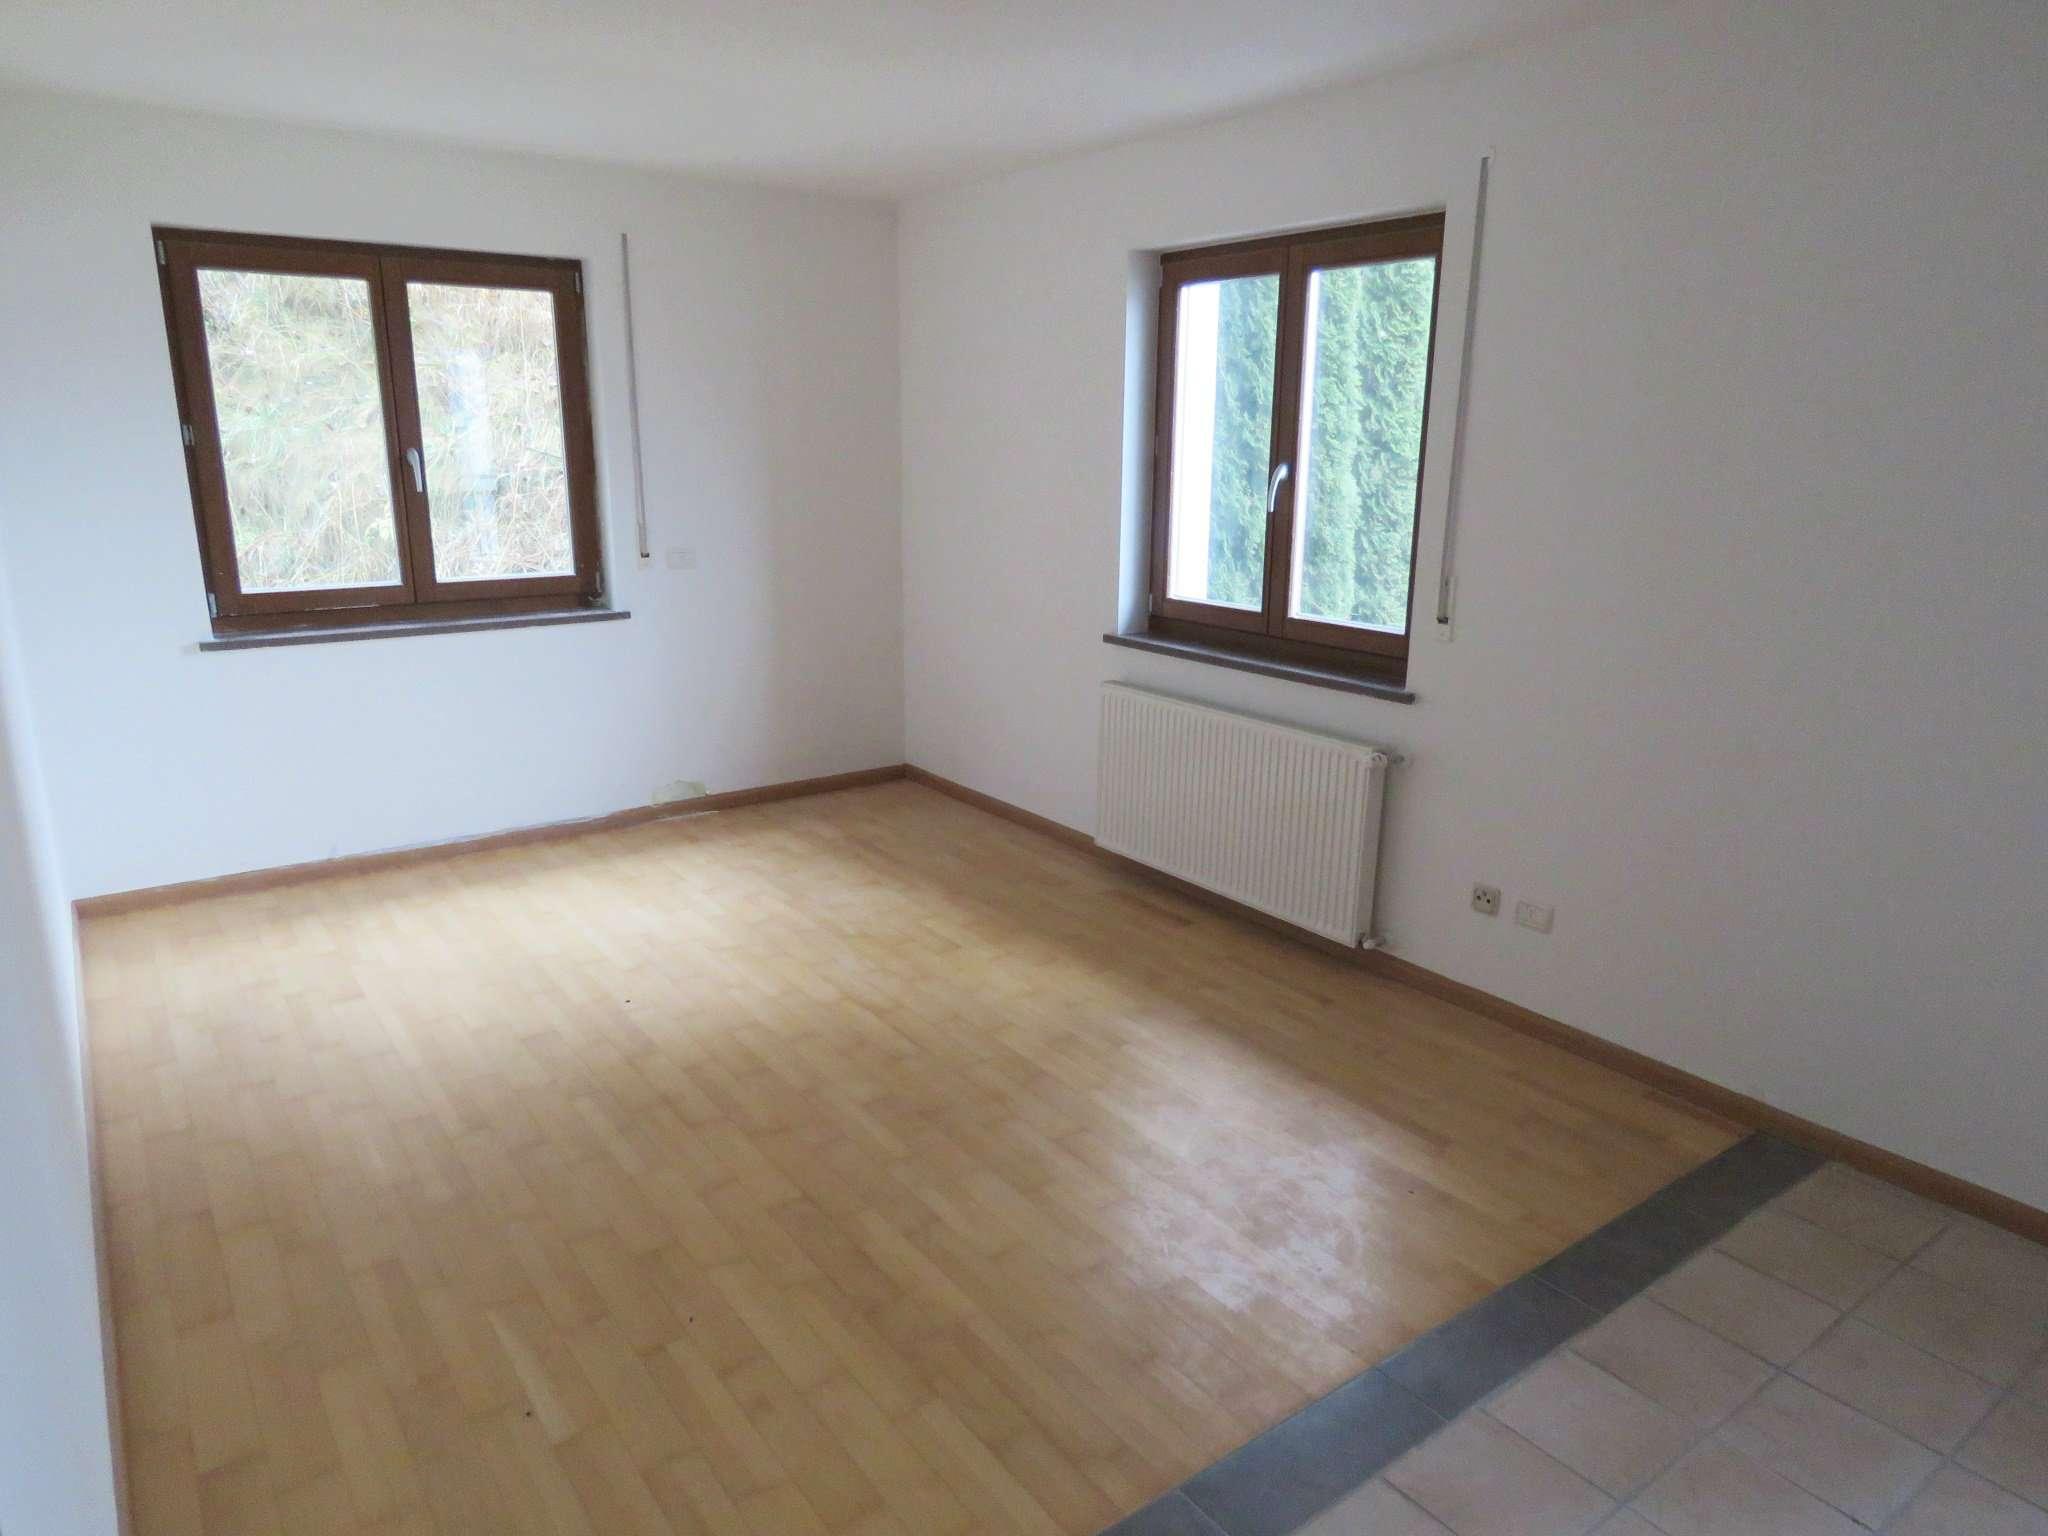 Appartamento in vendita a Bressanone, 2 locali, prezzo € 145.000 | Cambio Casa.it